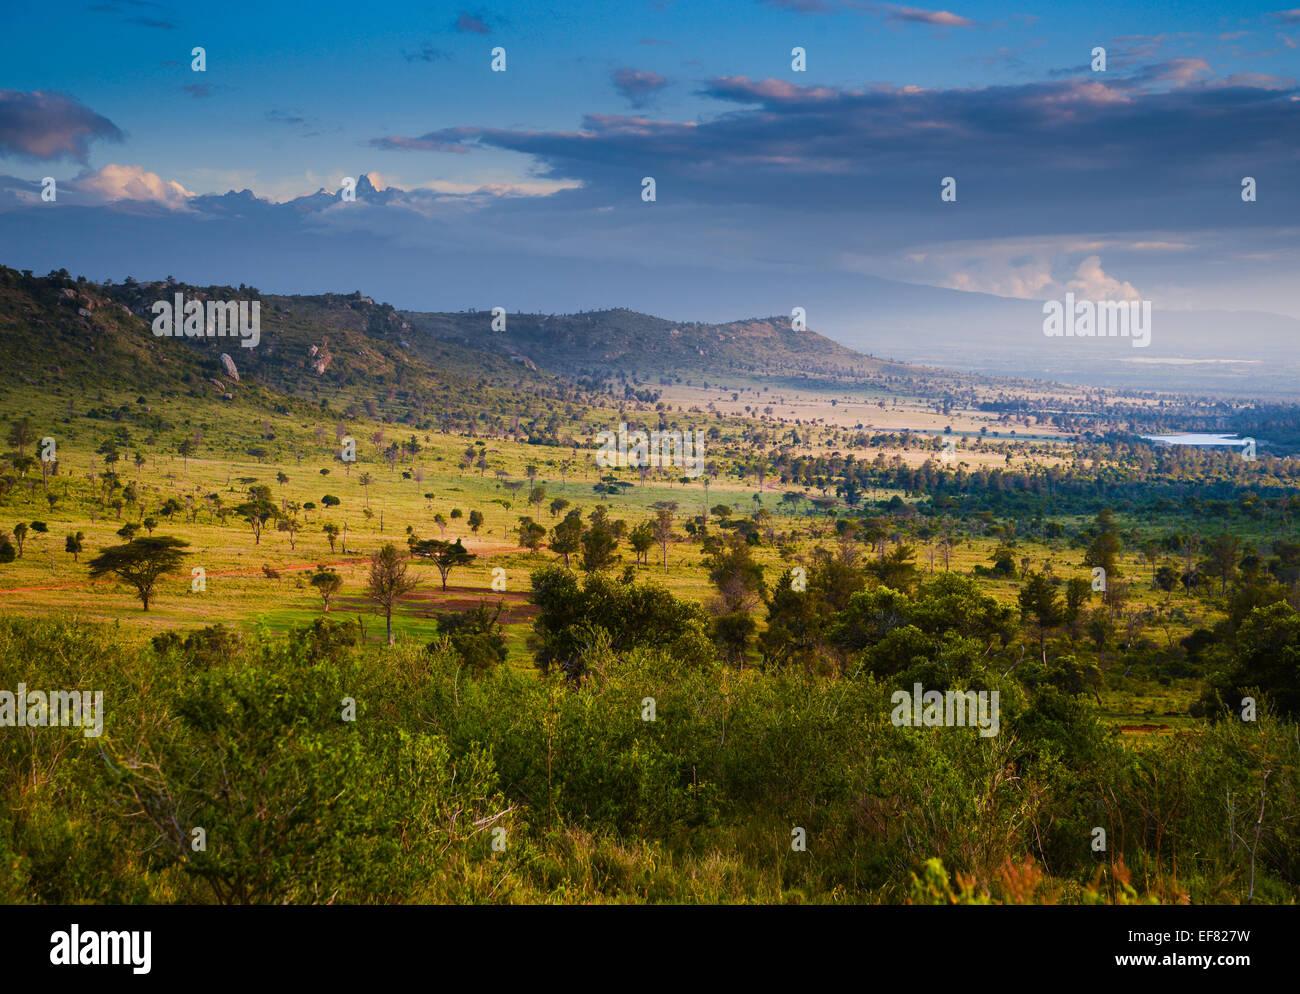 El distrito Lakipia en la región central de Kenya, en el Ecuador, mirando al sur hacia el Monte Kenya Imagen De Stock